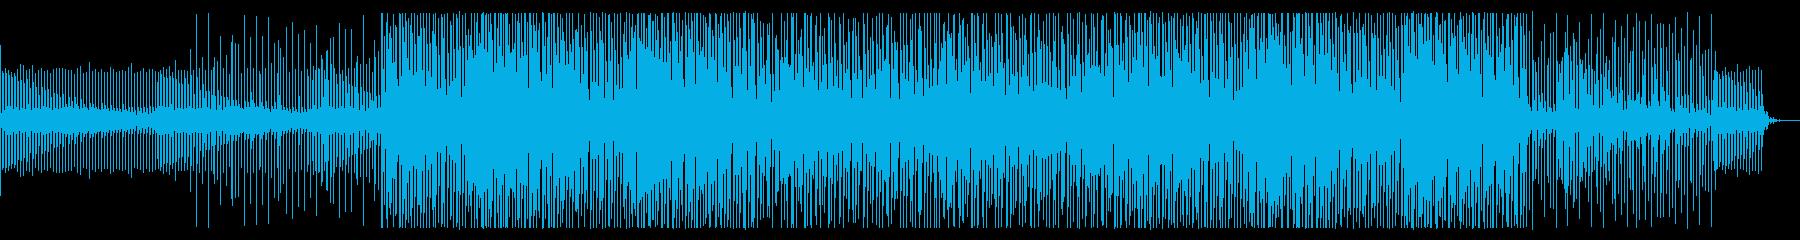 ニュース/真相究明/調査/疑惑/考察の再生済みの波形